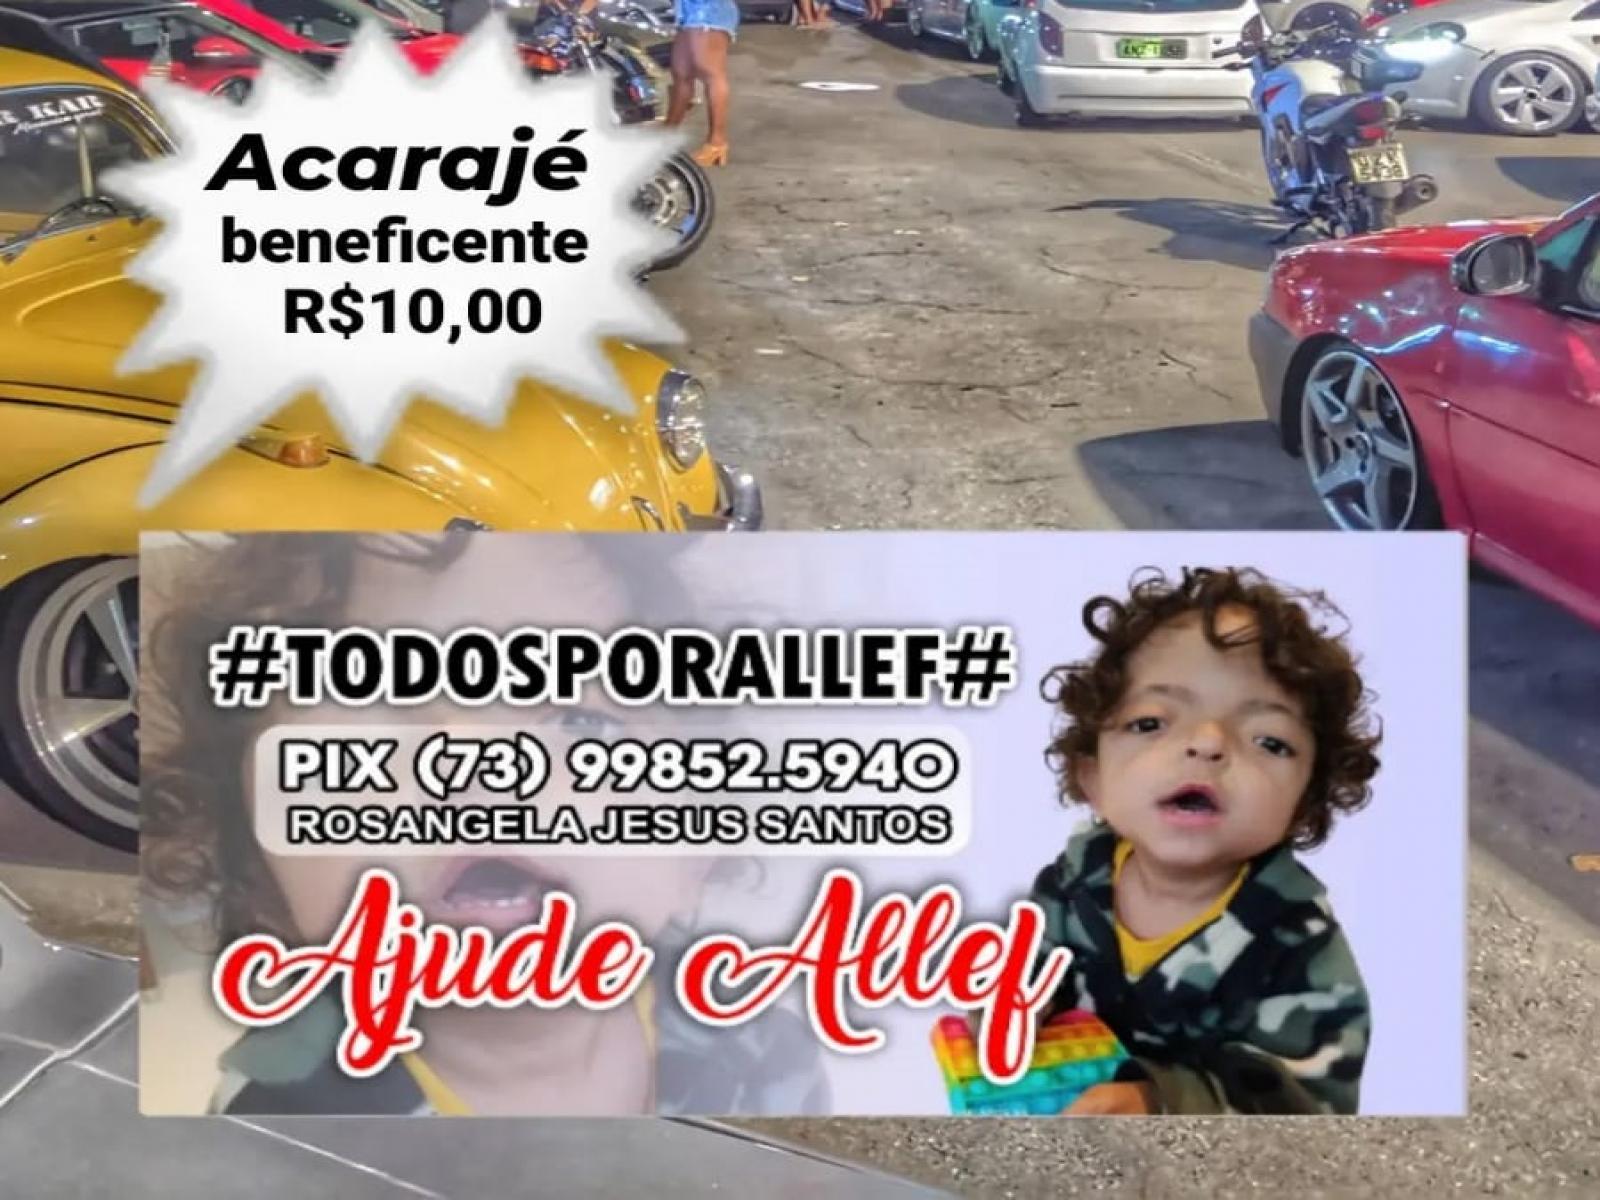 Caso Allef - evento no Alto da Prefeitura vai arrecadar dinheiro com vendas de acarajé